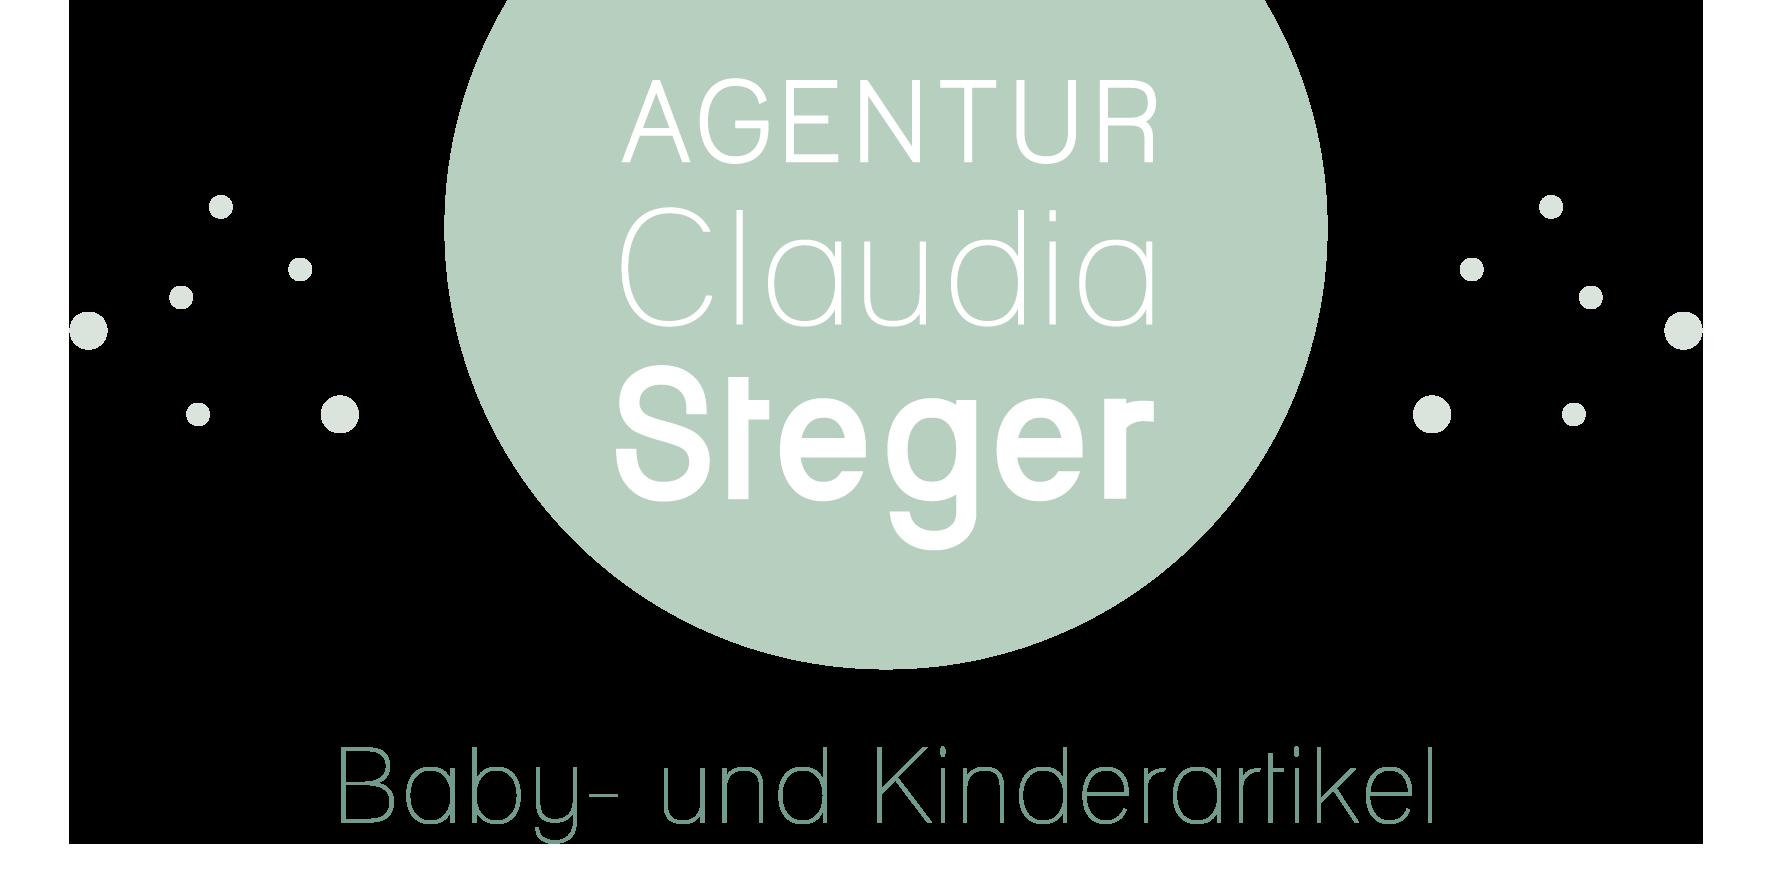 Agentur Claudia Steger